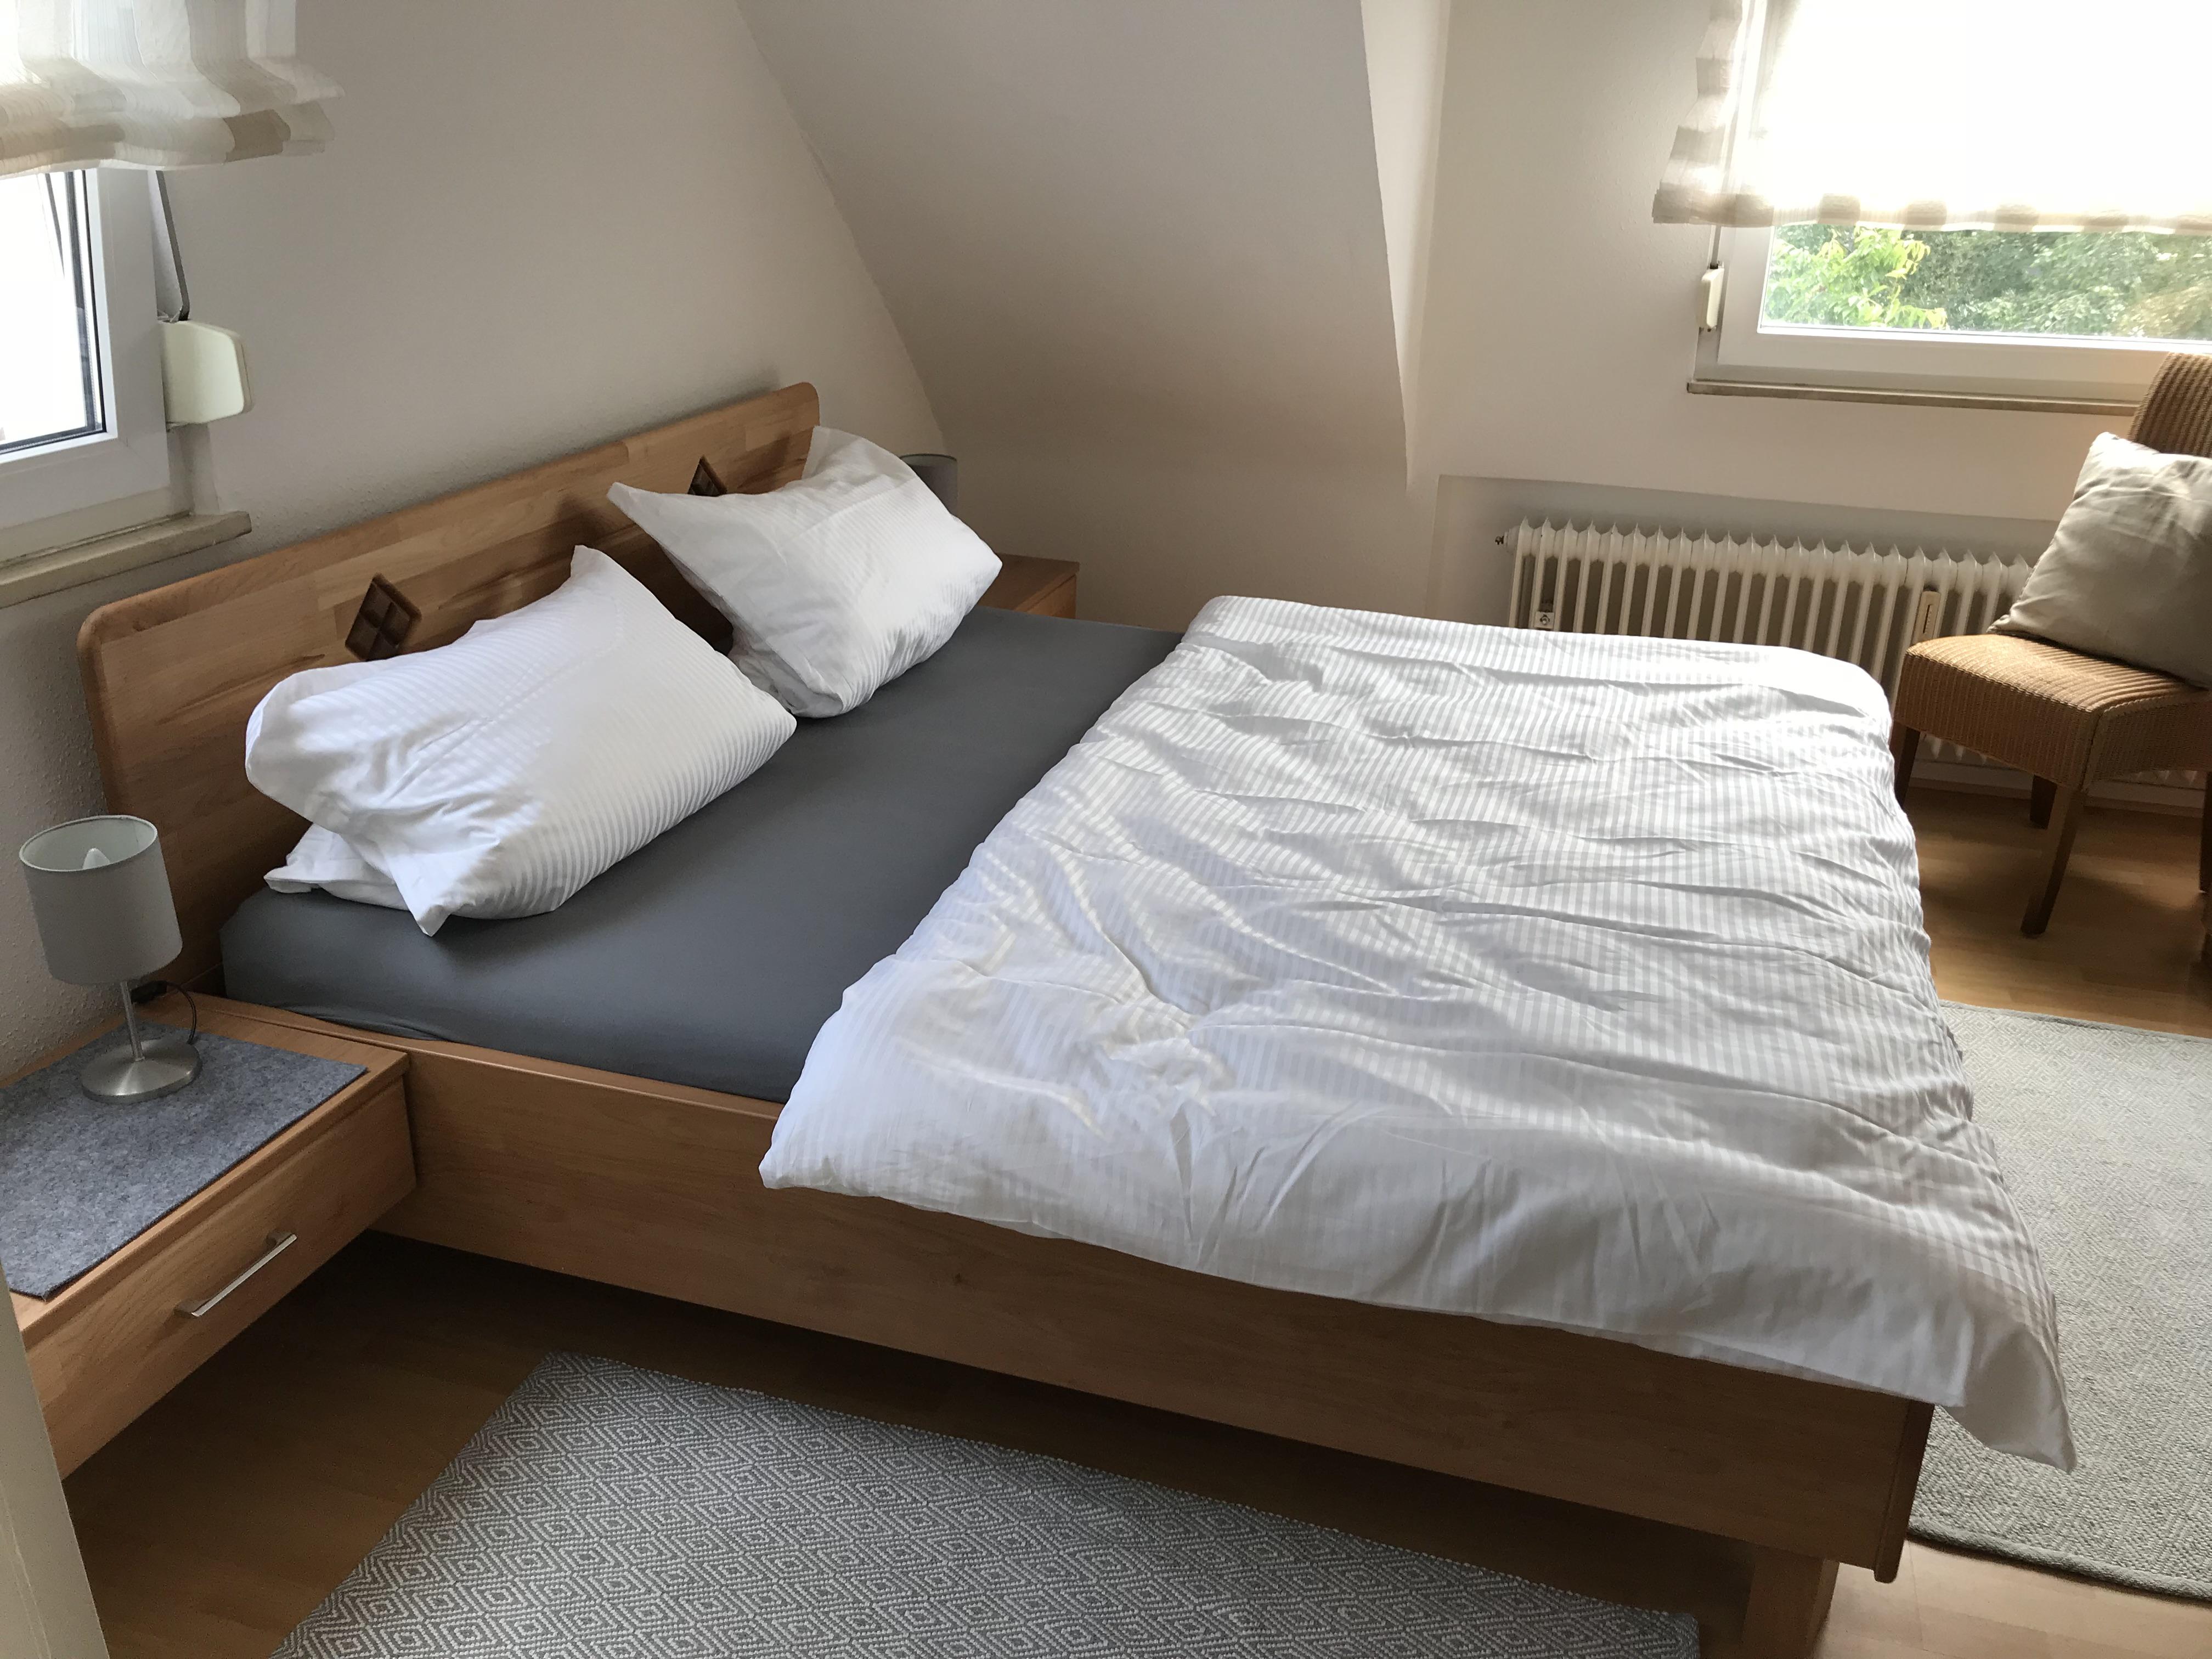 doppelbett ruhige ferienwohnung in bad neuenahrruhige ferienwohnung in bad neuenahr. Black Bedroom Furniture Sets. Home Design Ideas